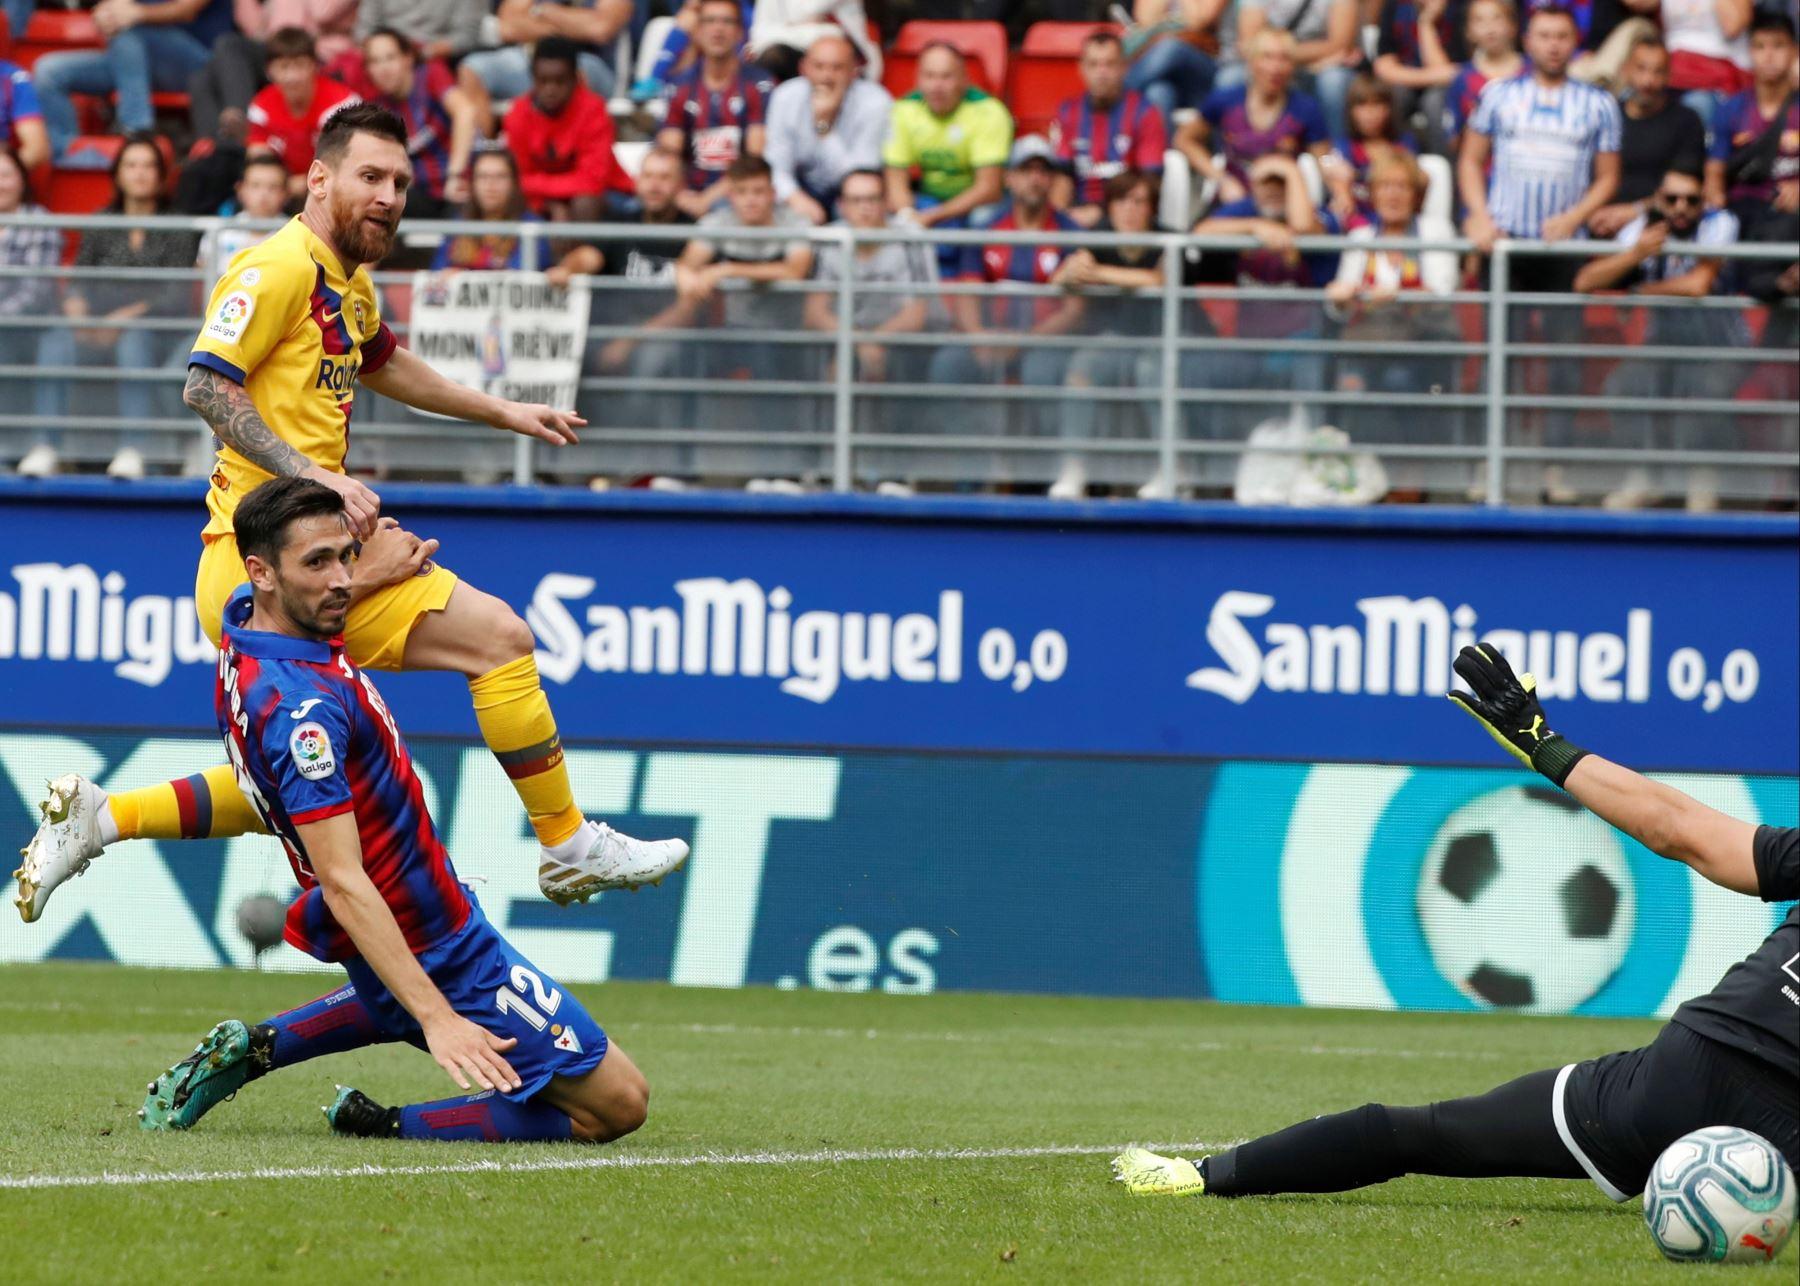 El astro argentino del Barcelona, Lionel Messi, convirtió el segundo tanto para su equipo en partido disputado contra Eibar por Liga Santander. Foto: EFE